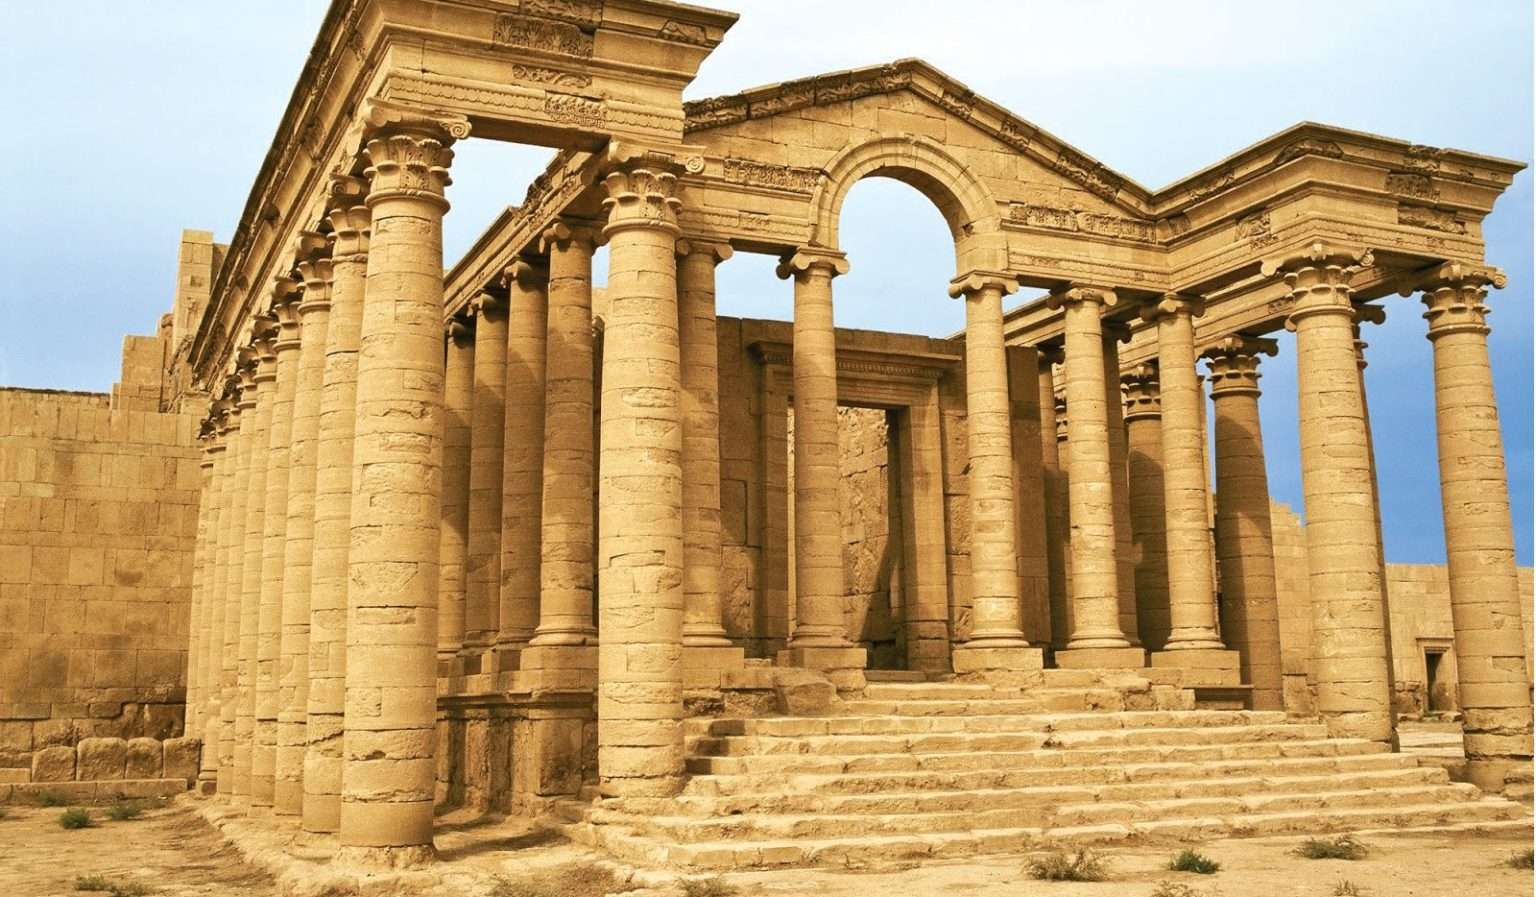 Ερείπια της πόλης Hatra στο σημερινό Ιράκ